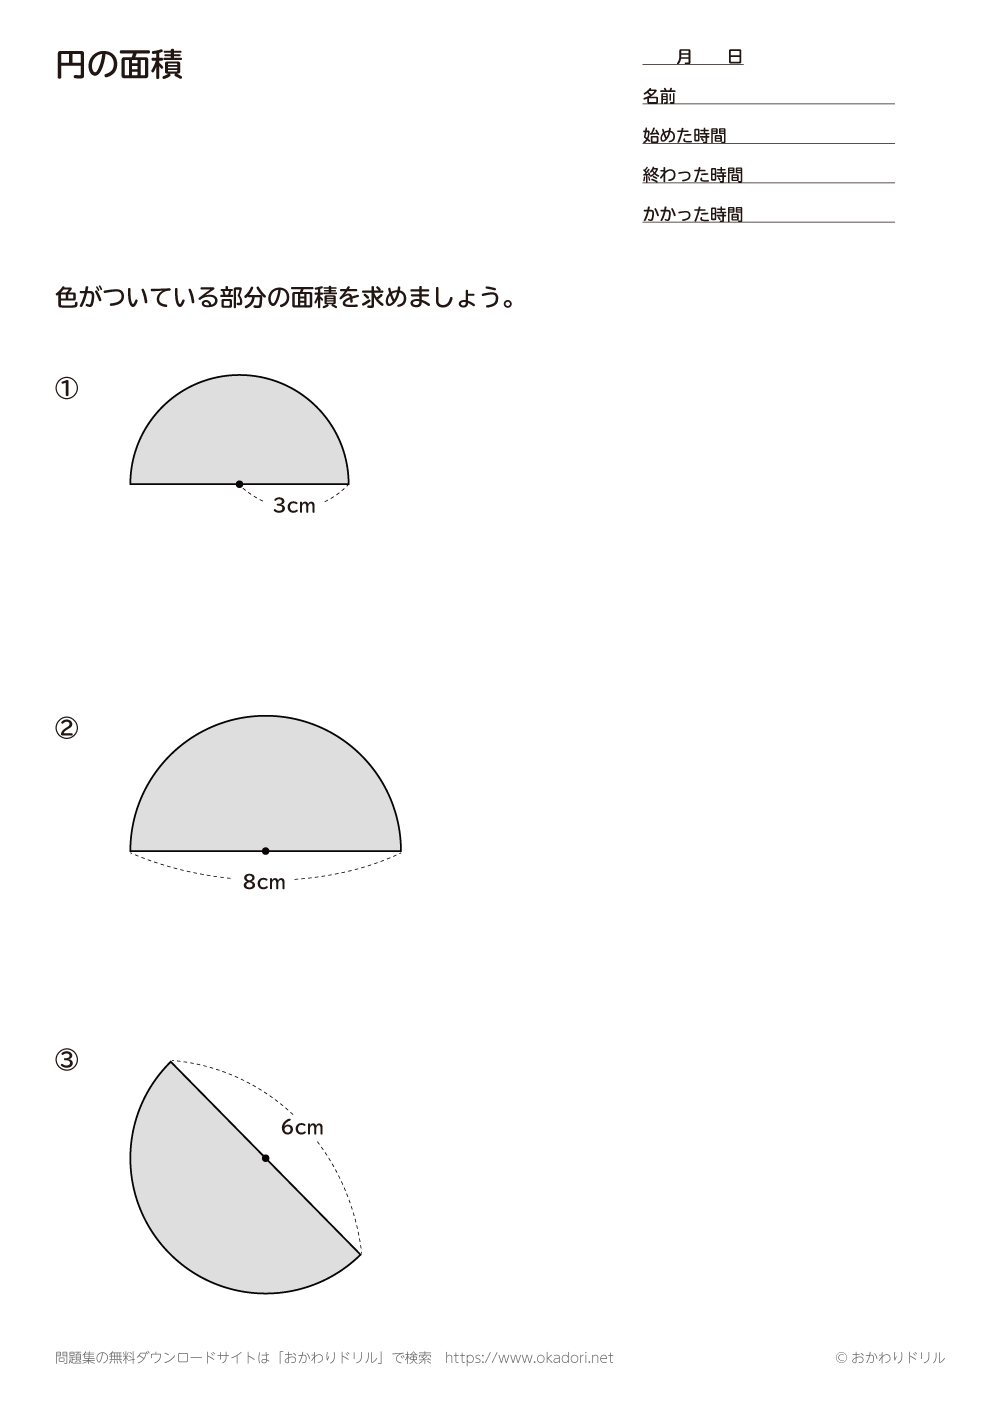 円の面積3